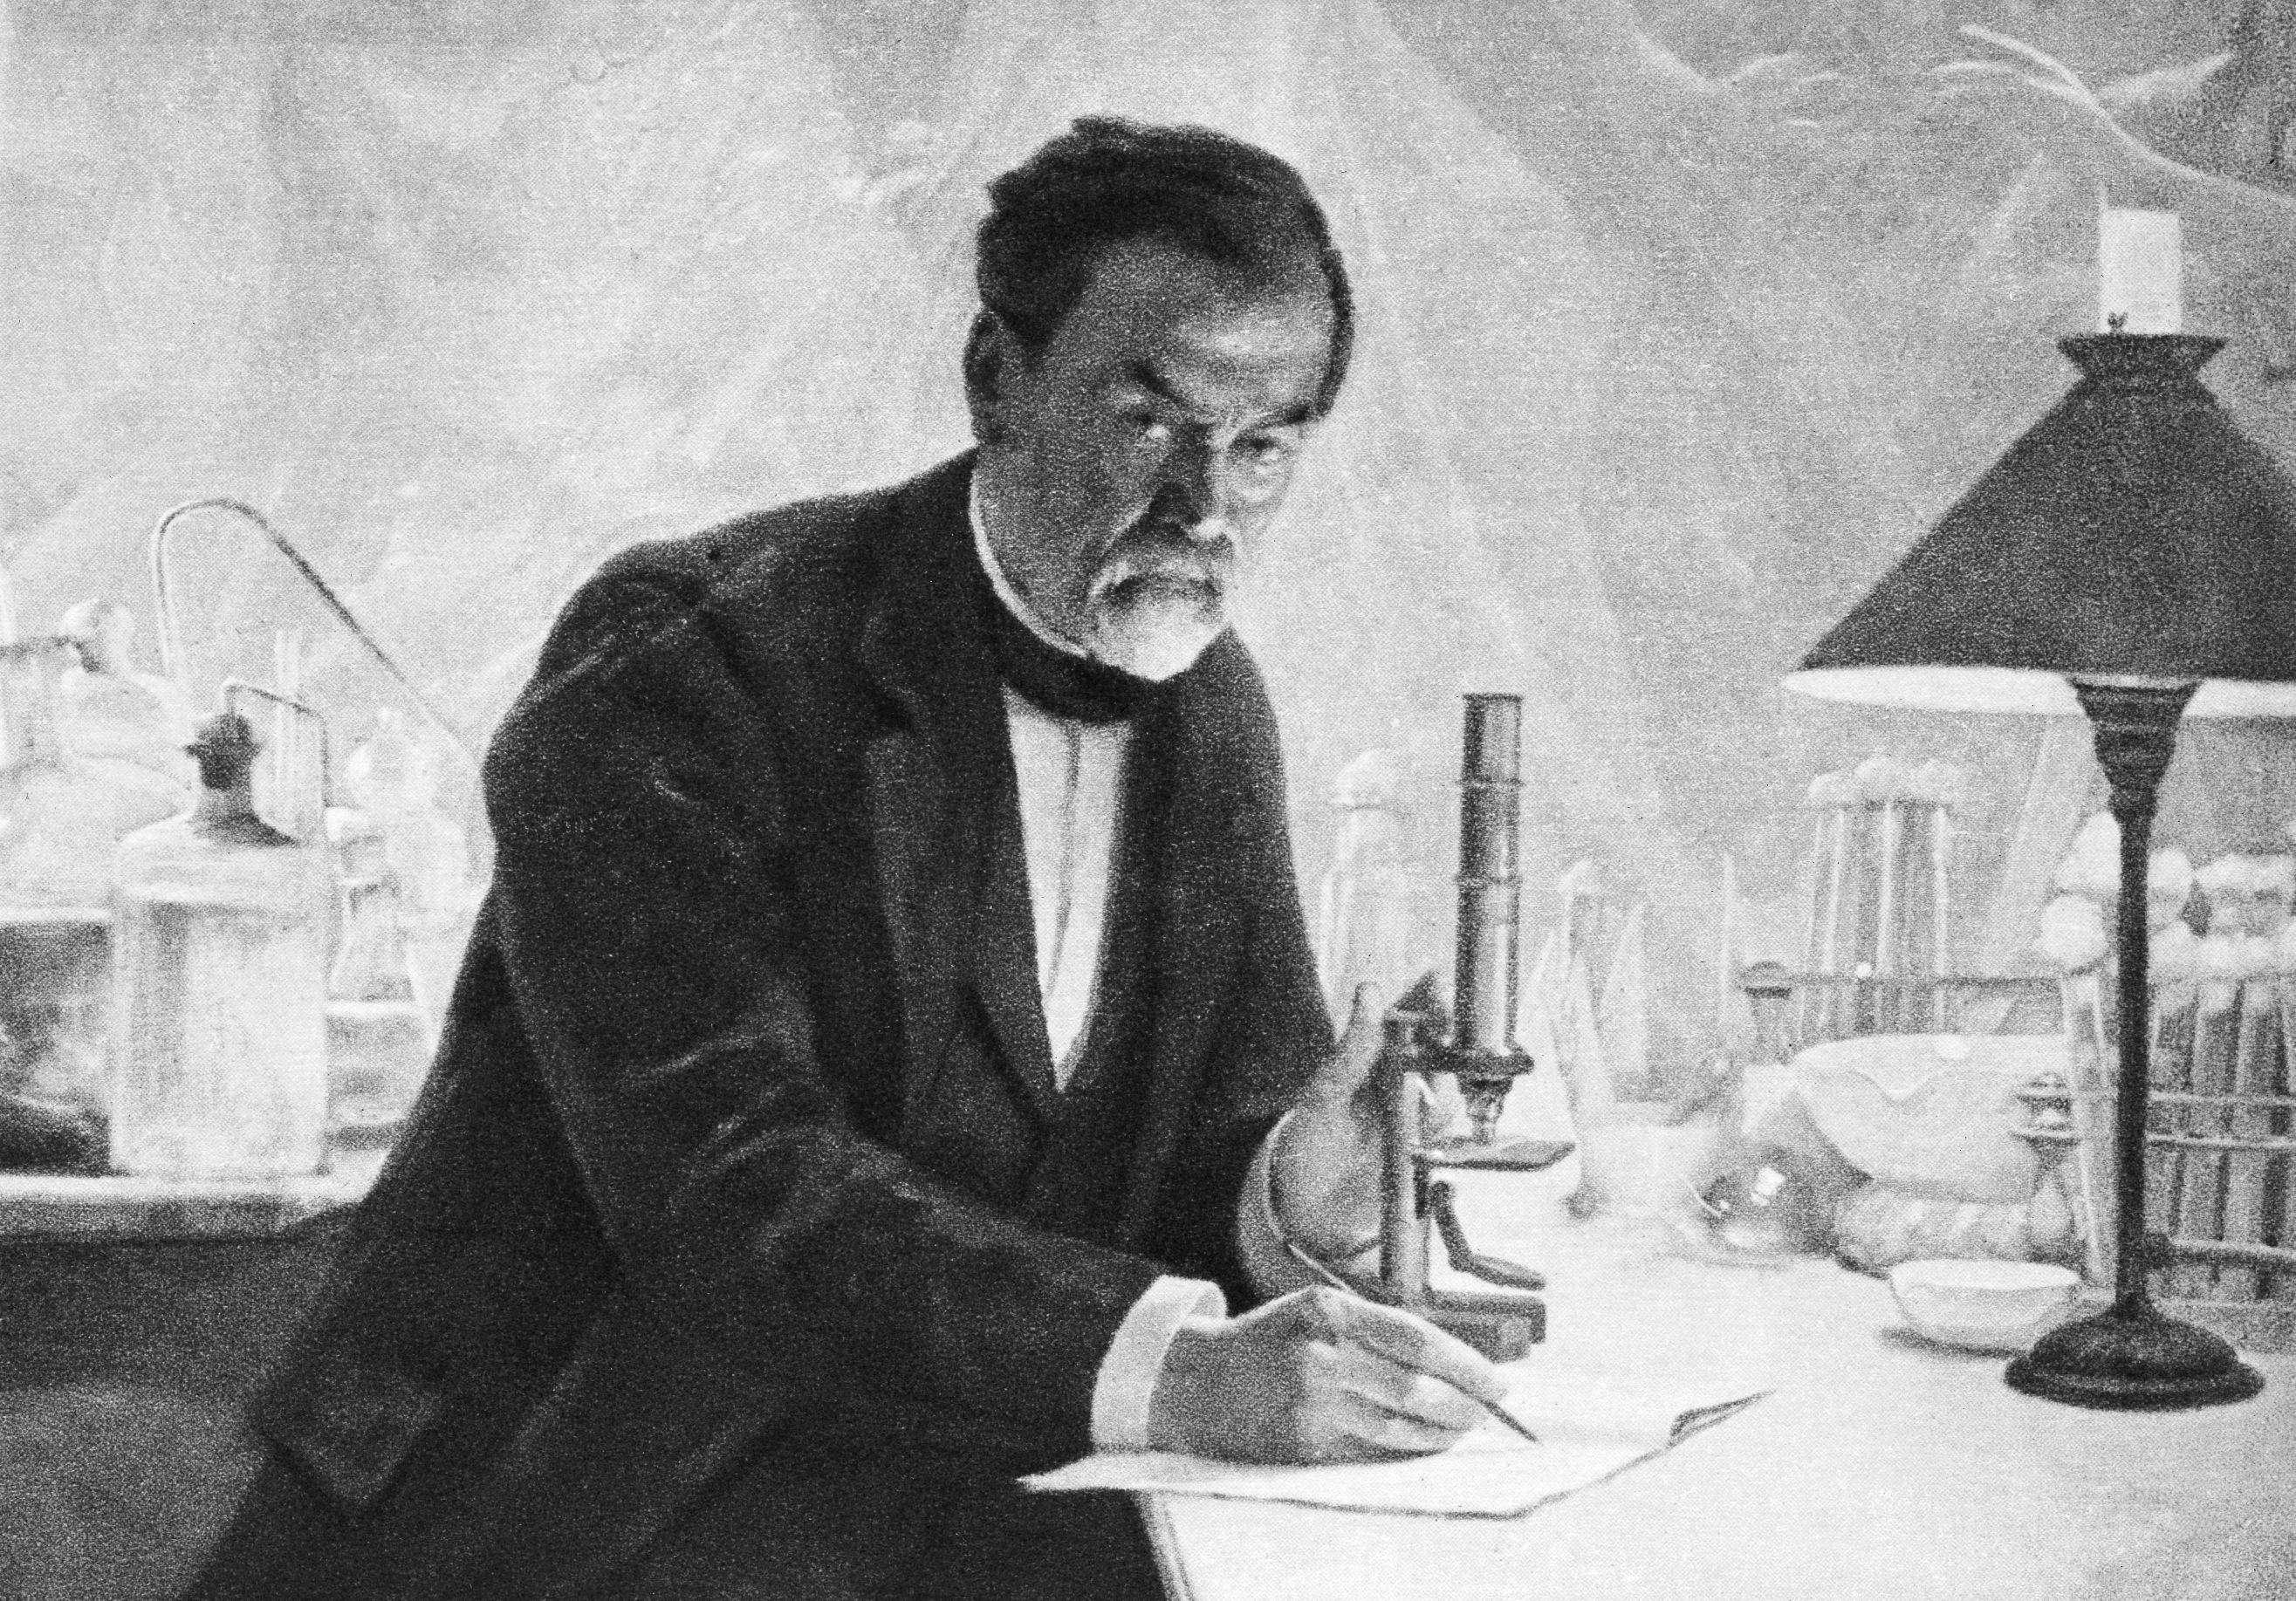 Biografia de Louis Pasteur, Biólogo e Químico Francês